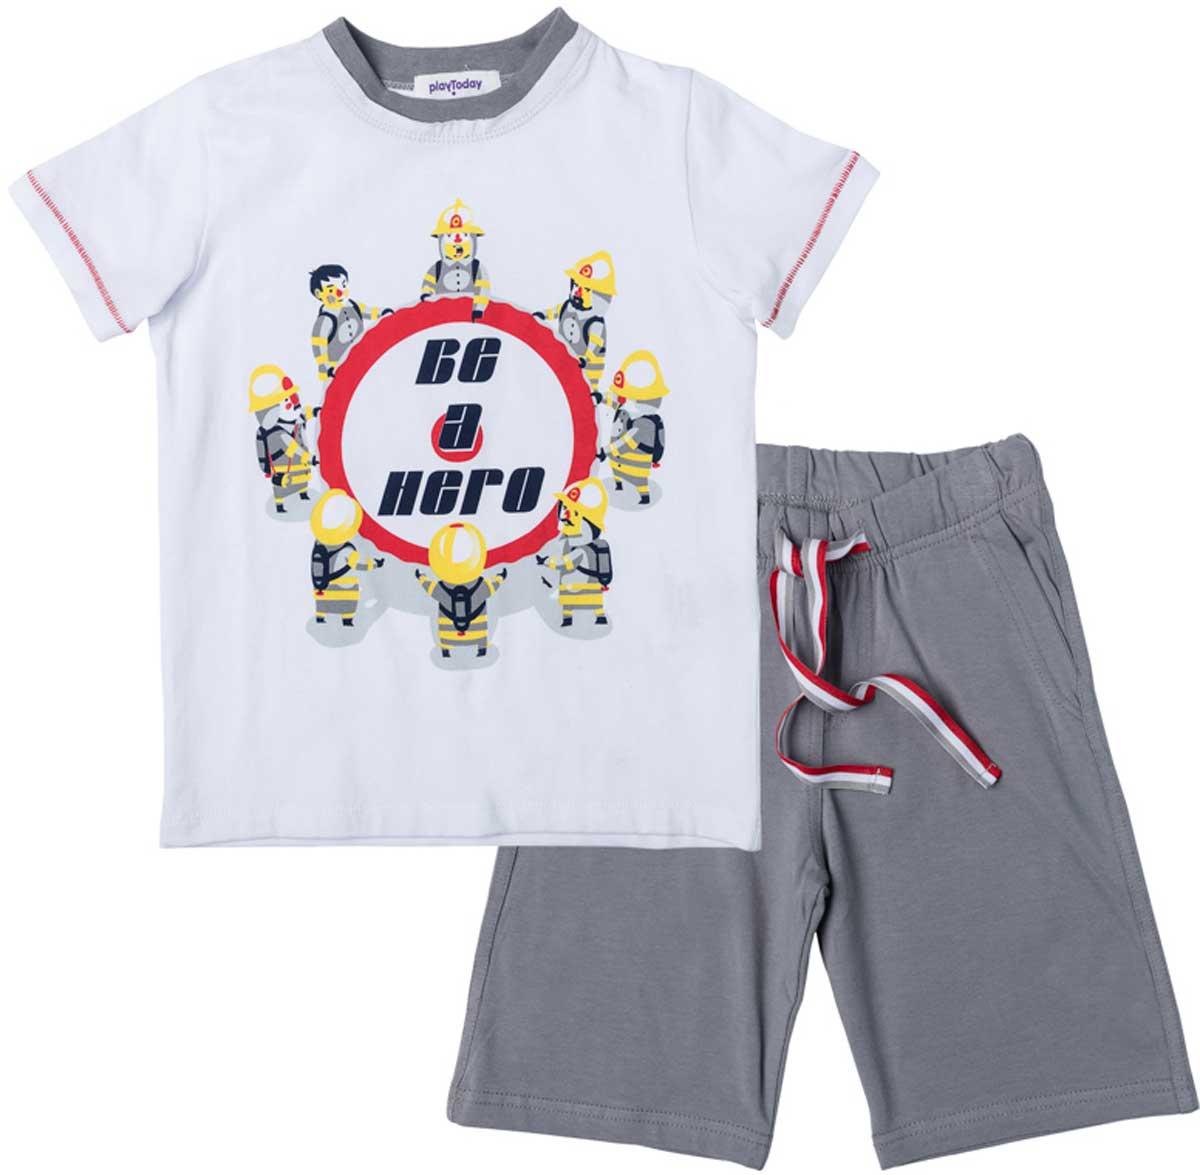 Комплект для мальчика PlayToday: футболка, шорты, цвет: белый, светло-серый, красный, желтый. 171079. Размер 104171079Комплект из футболки и шорт прекрасно подойдет как для домашнего использования, так и для прогулок на свежем воздухе. Мягкий, приятный к телу, материал не сковывает движений. Яркий стильный принт является достойным украшением данного изделия. Шорты на мягкой удобной резинке с удобным регулируемым шнуром - кулиской.